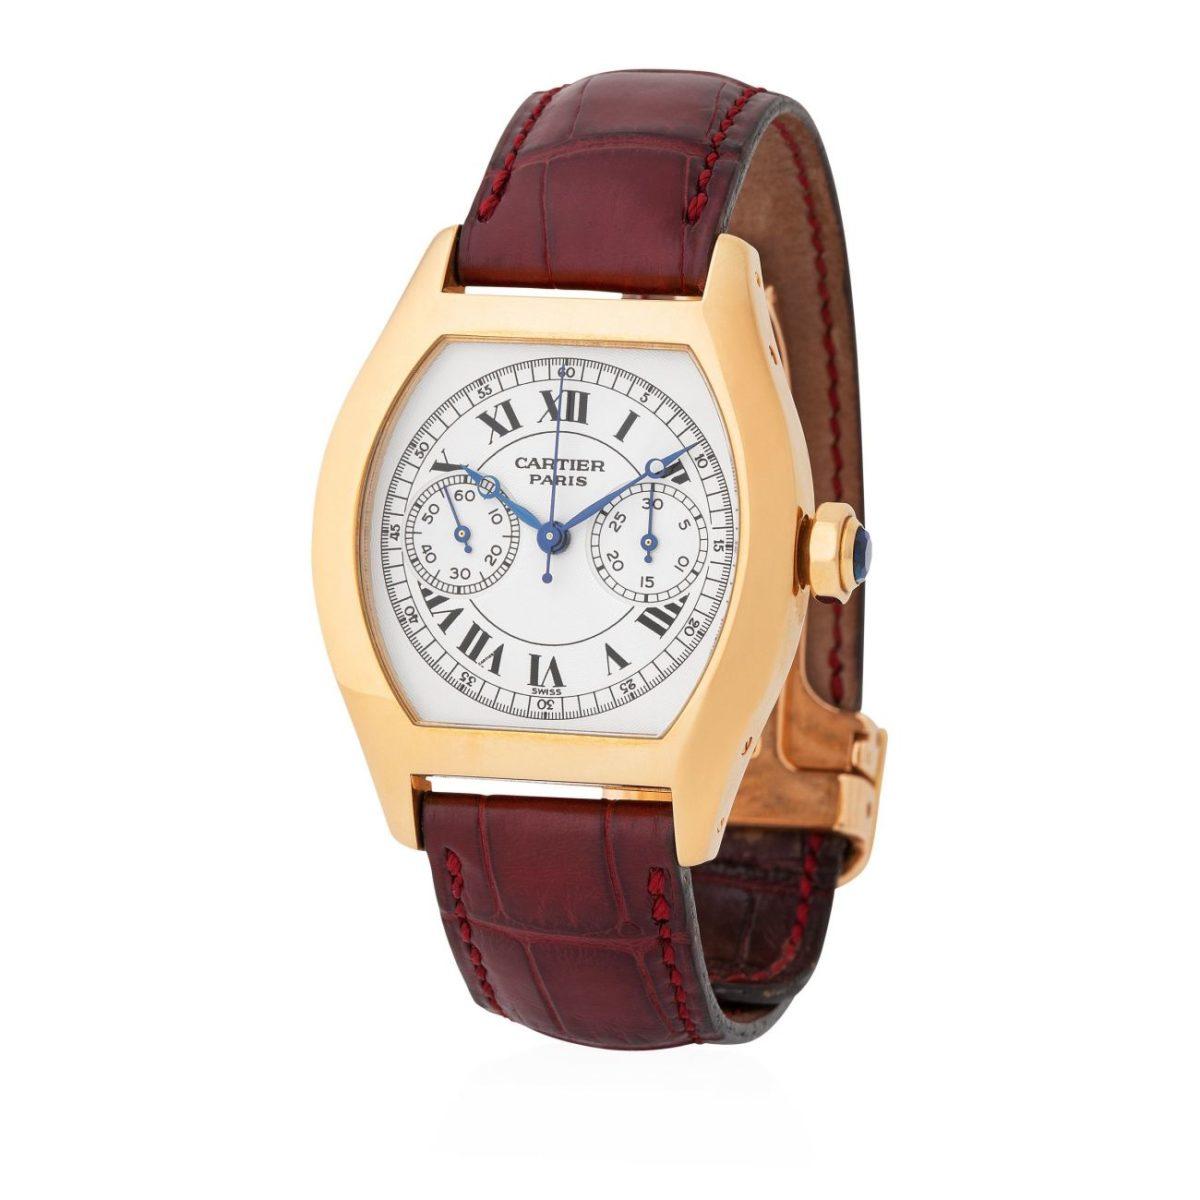 Cartier Tortue Chronograph